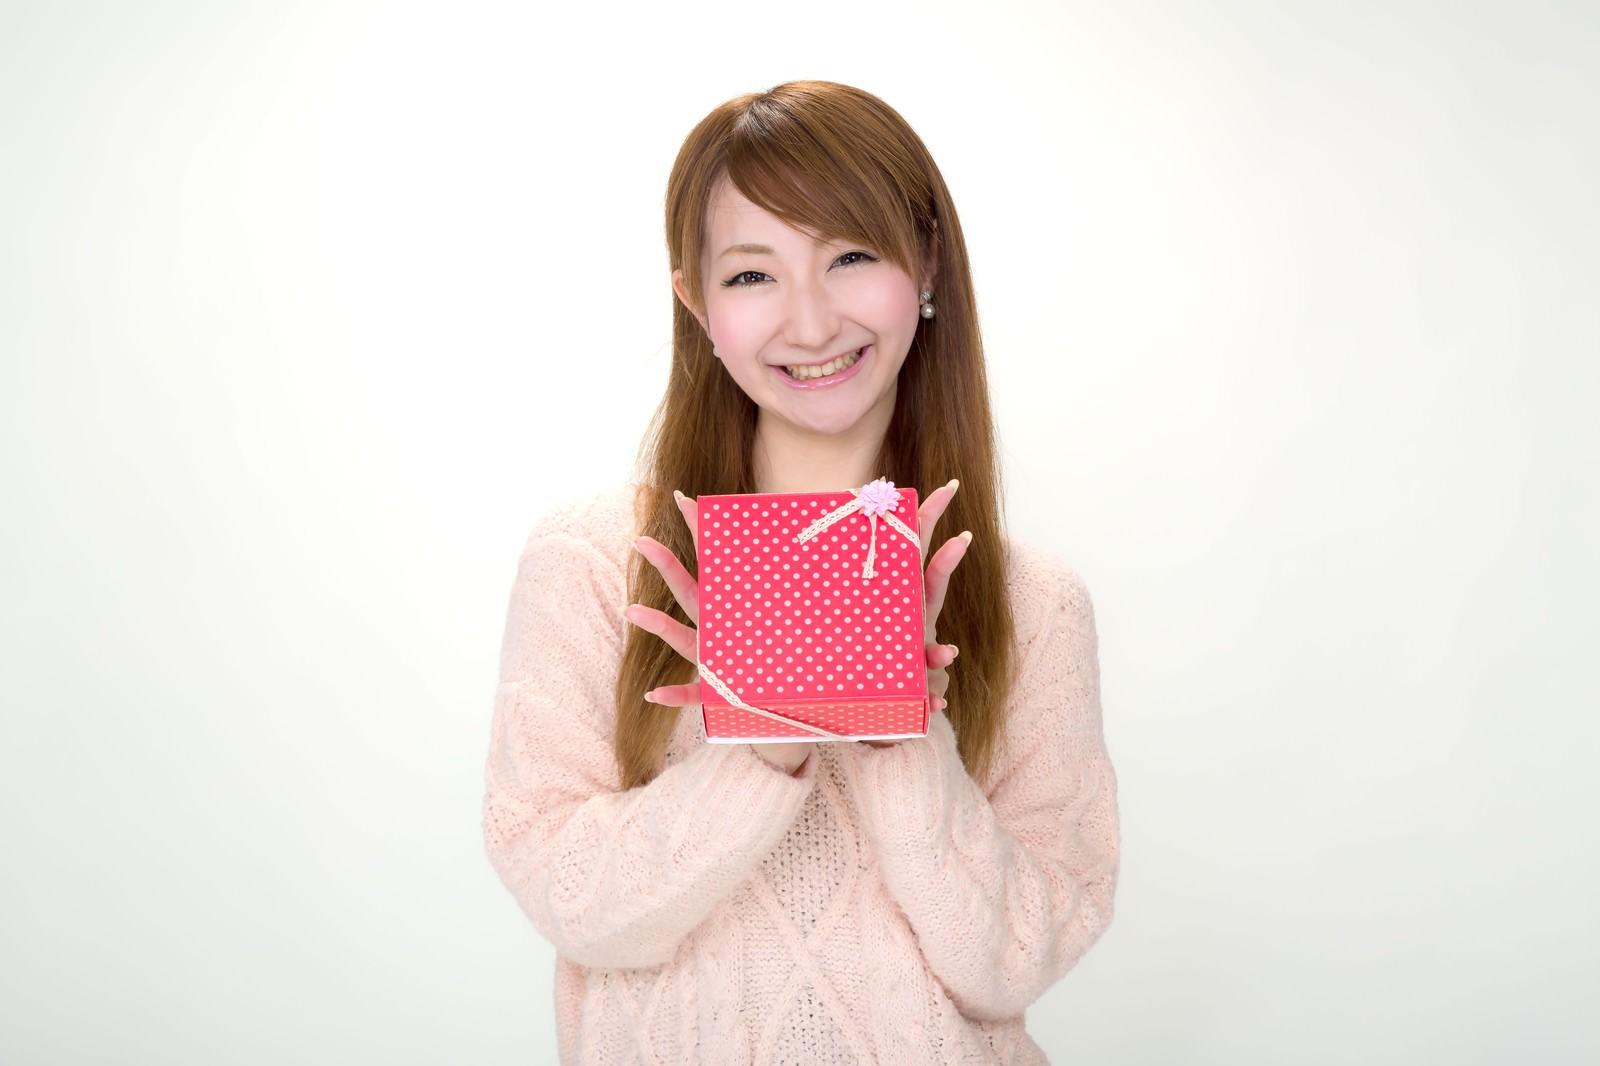 「プレゼントを笑顔で渡す女の子プレゼントを笑顔で渡す女の子」[モデル:to-ko]のフリー写真素材を拡大